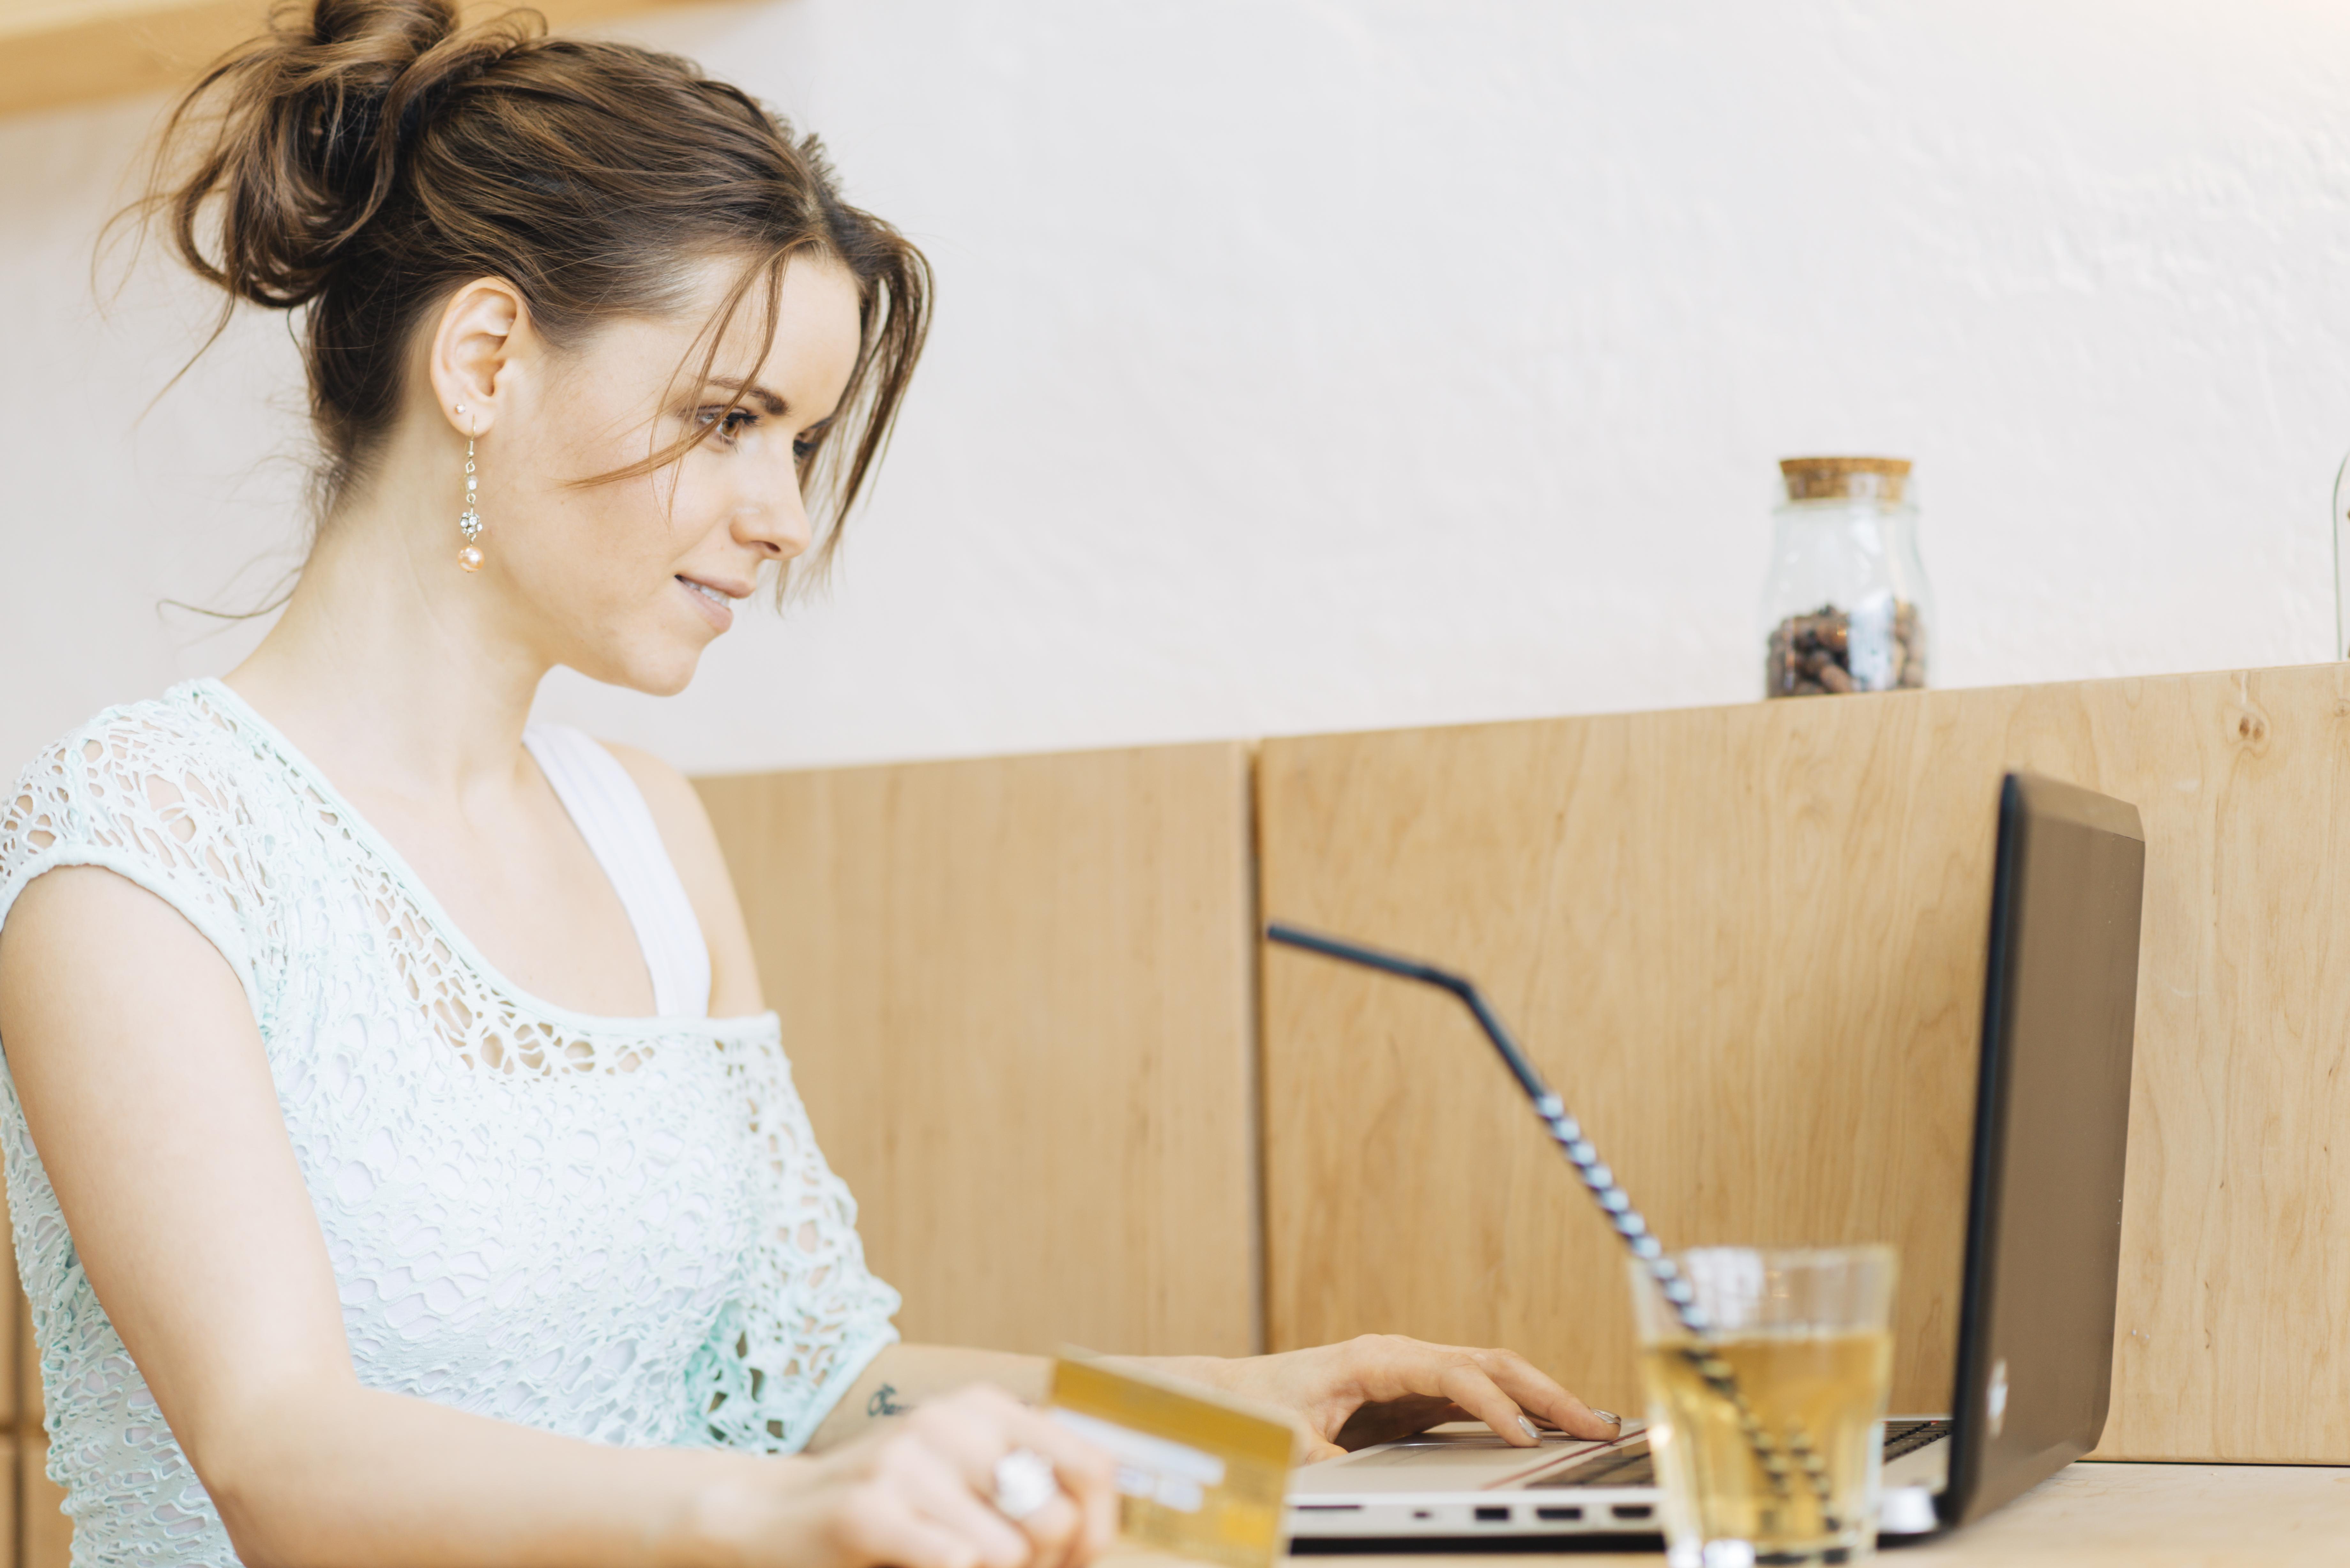 Cómo comprar viajes por Internet, tips de seguridad